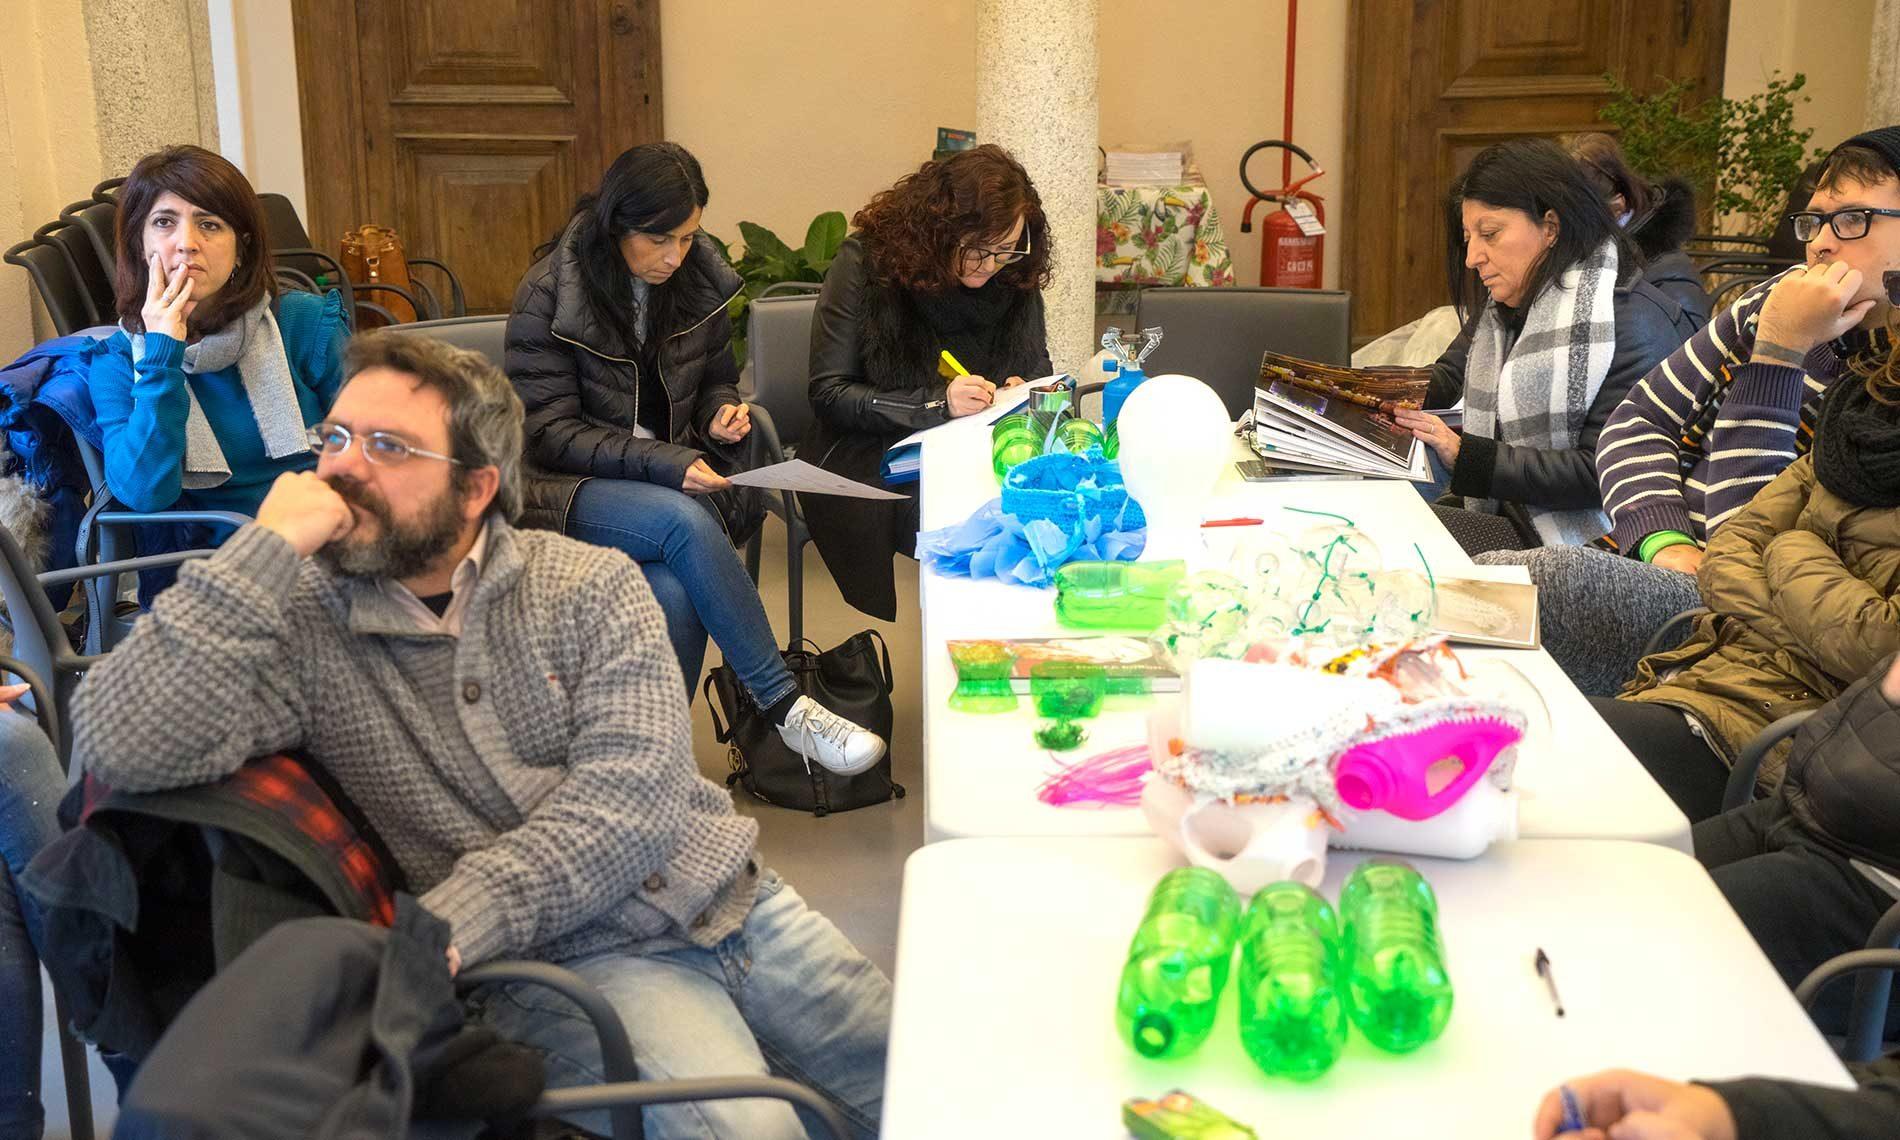 Workshop con l'artista Enrica Borghi, operatori socio sanitari e recoverist - Villa Nigra, Miasino